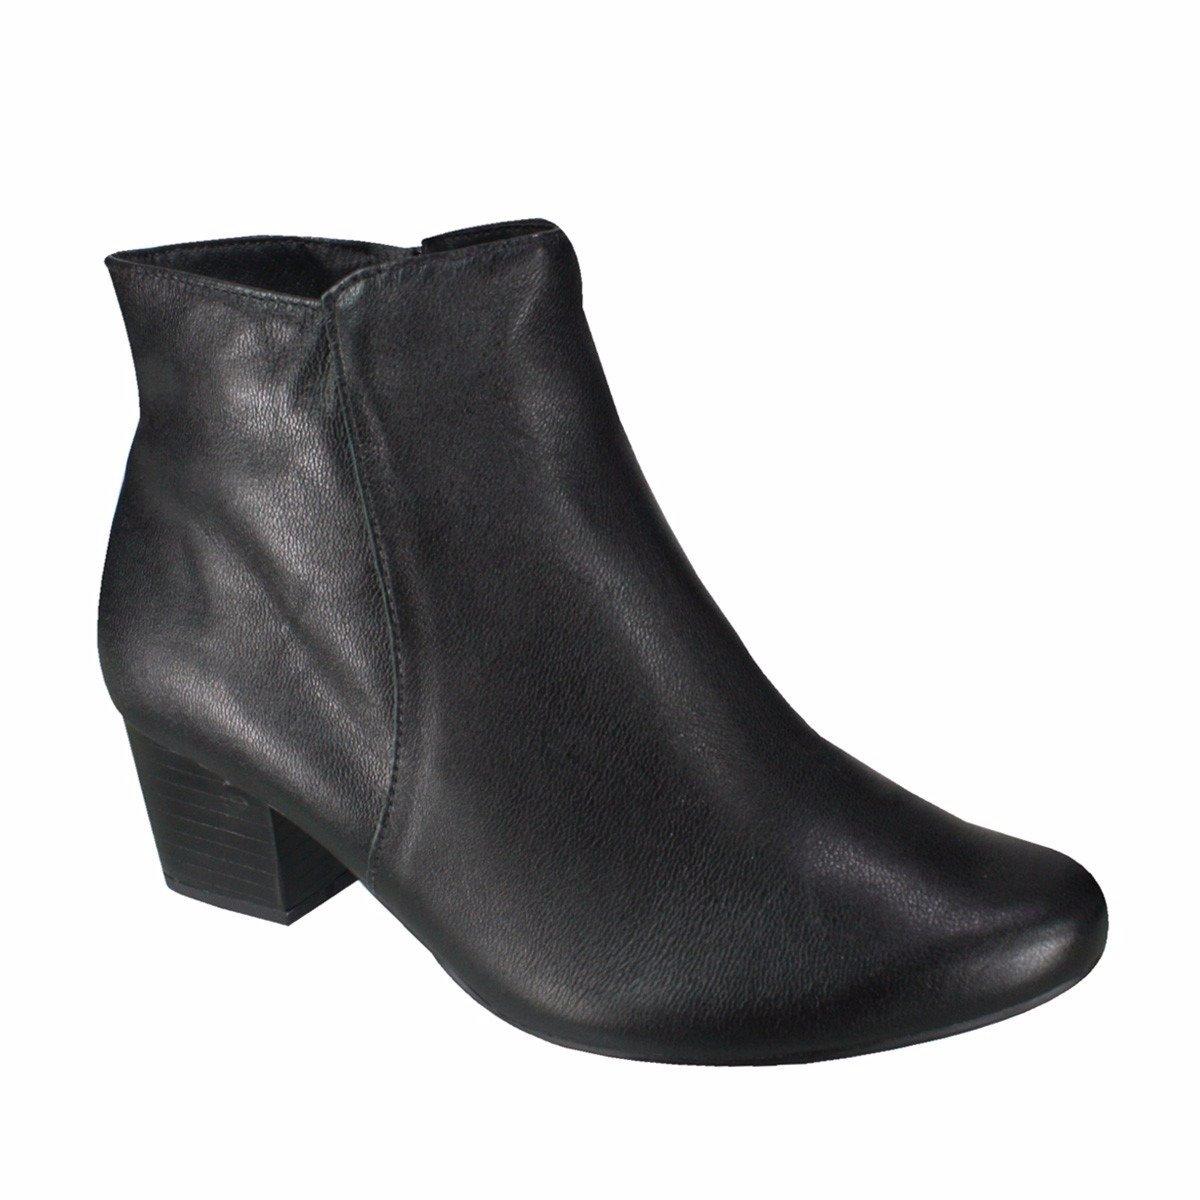 ca12df21c Bota Feminina Usaflex Ankle Boot Couro Legítimo Preta Q6621 Q6621 ...